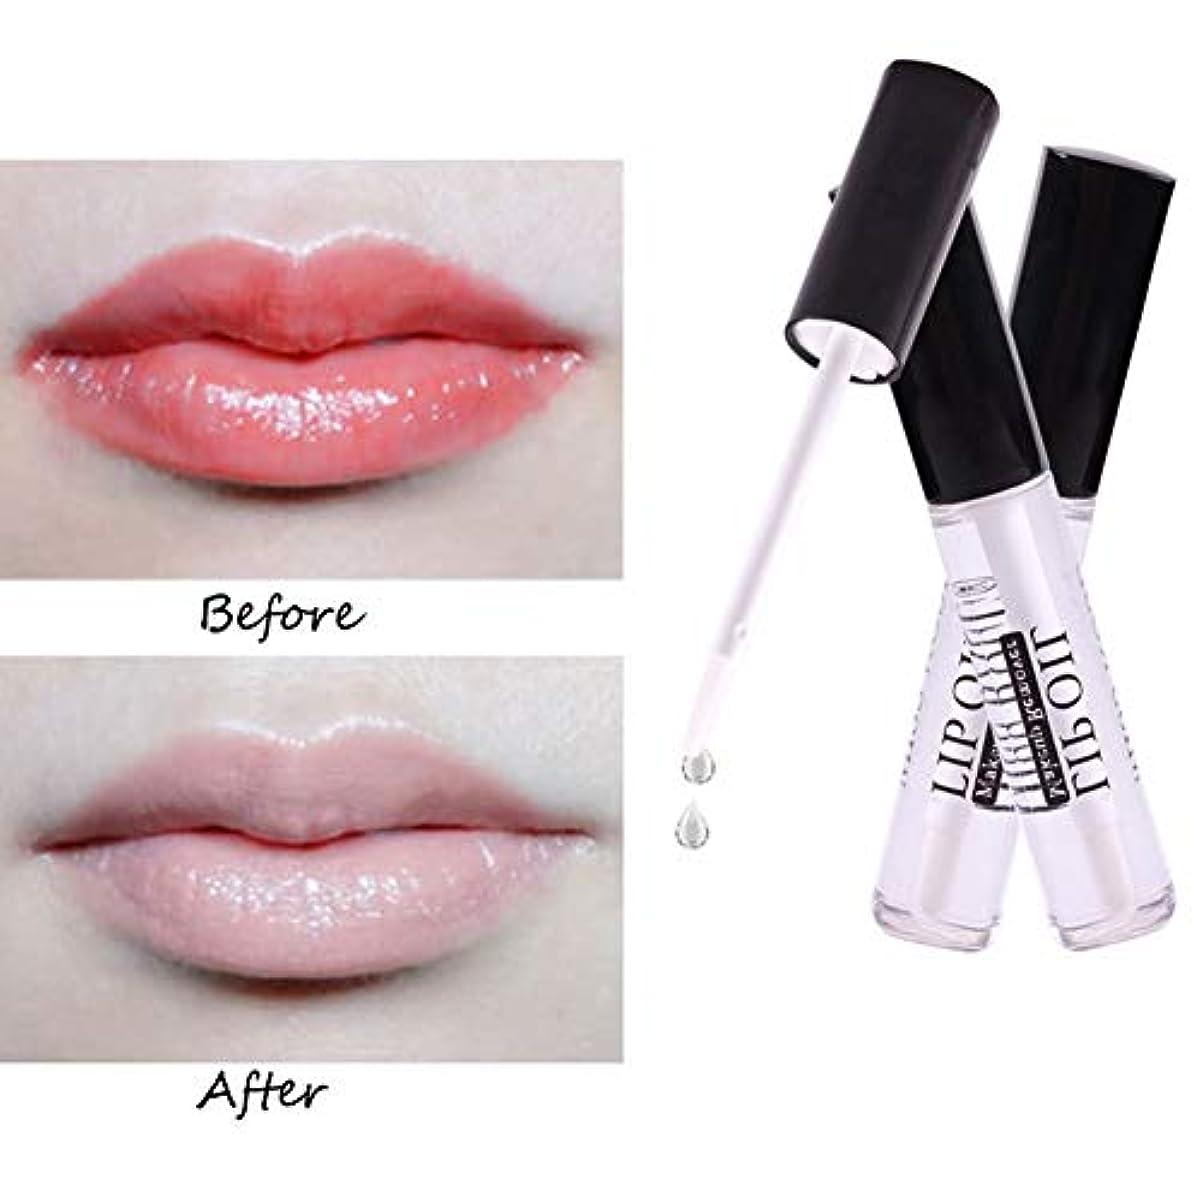 確認苛性特権ACHICOO クレンジングオイル リップグロス·リップスティック·口紅専用 唇 保湿 健康 プロ化粧